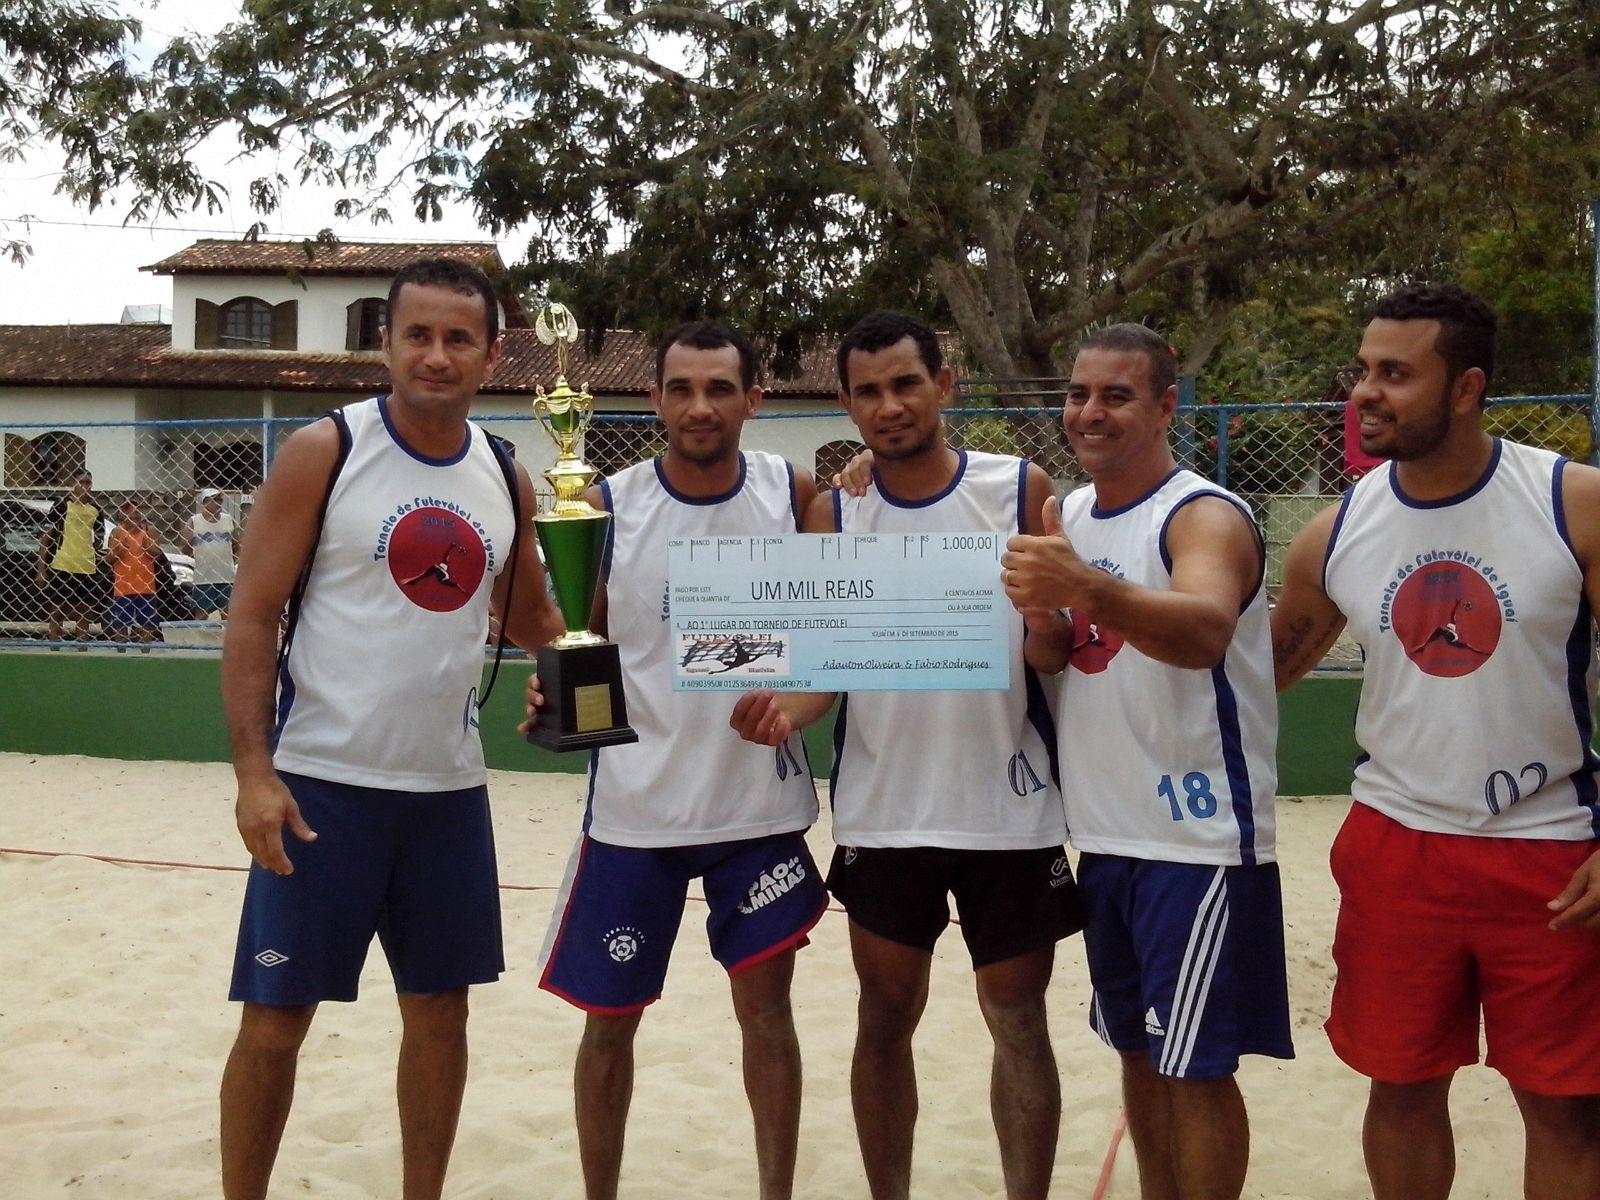 Torneio de Futevôlei em Iguaí 2015 (1)